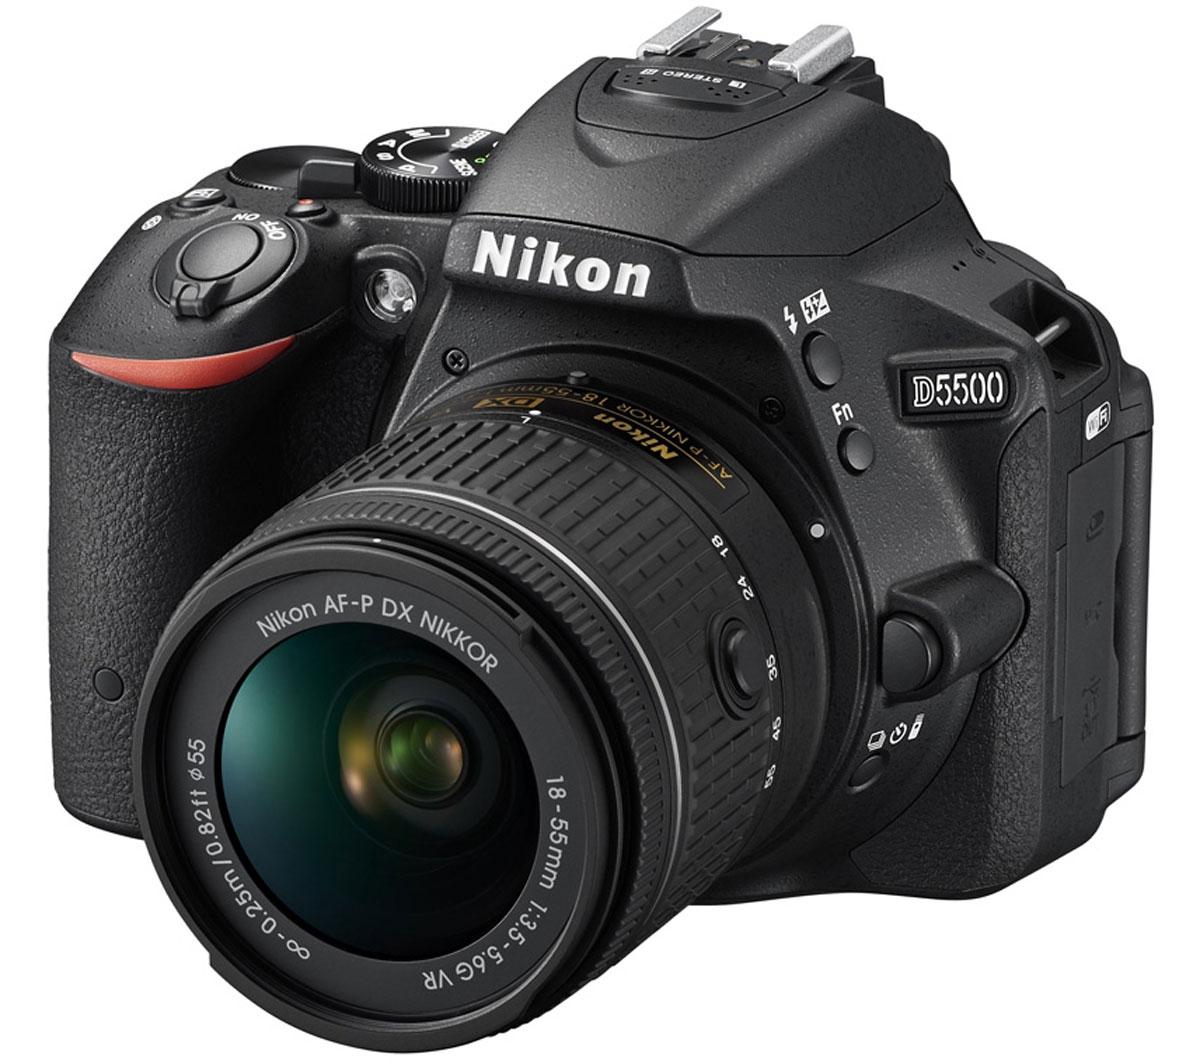 Nikon D5500 Kit 18-55 VR, Black цифровая зеркальная камераVBA440K006Отобразите красоту окружающего мира на великолепных фотографиях, снятых с помощью фотокамеры D5500. Эта легкая и компактная, но в то же время очень мощная цифровая зеркальная фотокамера с удобным и понятным сенсорным управлением позволяет совершенствоваться в искусстве фотографии.Забудьте о смазанных фотографиях и создавайте яркие детализированные изображения, которые всегда будут в центре внимания. Достигайте непревзойденных результатов даже при съемке быстро движущихся объектов или в условиях недостаточной освещенности. Создавайте фотографии и видеоролики отличного качества даже при недостаточном освещении. Благодаря широкому диапазону чувствительности ISO (100-25 600 единиц) изображения получаются как никогда яркими и детализированными.С мощной 24,2-мегапиксельной матрицей вы поразите друзей снимками с высоким уровнем детализации. Фотокамера D5500 оснащена матрицей с разрешением 24,2-мегапикселя, в конструкции которой не используется оптический низкочастотный фильтр (OLPF). Вы получите резкие и детализированные изображения даже при съемке текстур с мельчайшими деталями.Управляйте фотокамерой с той же легкостью, что и смартфоном. Смело переворачивайте, наклоняйте и крутите сенсорный экран, выбирая необычные ракурсы, а затем просто коснитесь экрана, чтобы сфокусировать фотокамеру и сделать снимок. Выступающая рукоятка настолько удобна и надежна, что вам не захочется выпускать фотокамеру из рук. Благодаря этой особенности, а также компактному размеру и небольшому весу модель D5500 обеспечивает непревзойденный комфорт при съемке.Записывайте плавные видеоклипы в формате Full HD с высокой детализацией (с частотой кадров до 50p/60p), которые обязательно понравятся зрителям. Непрерывная автофокусировка в режиме Live View позволяет сохранять резкость объекта съемки даже в случае его быстрого передвижения.Инновационная 39-точечная система автофокусировки от компании Nikon обеспечивает точное наведение на о